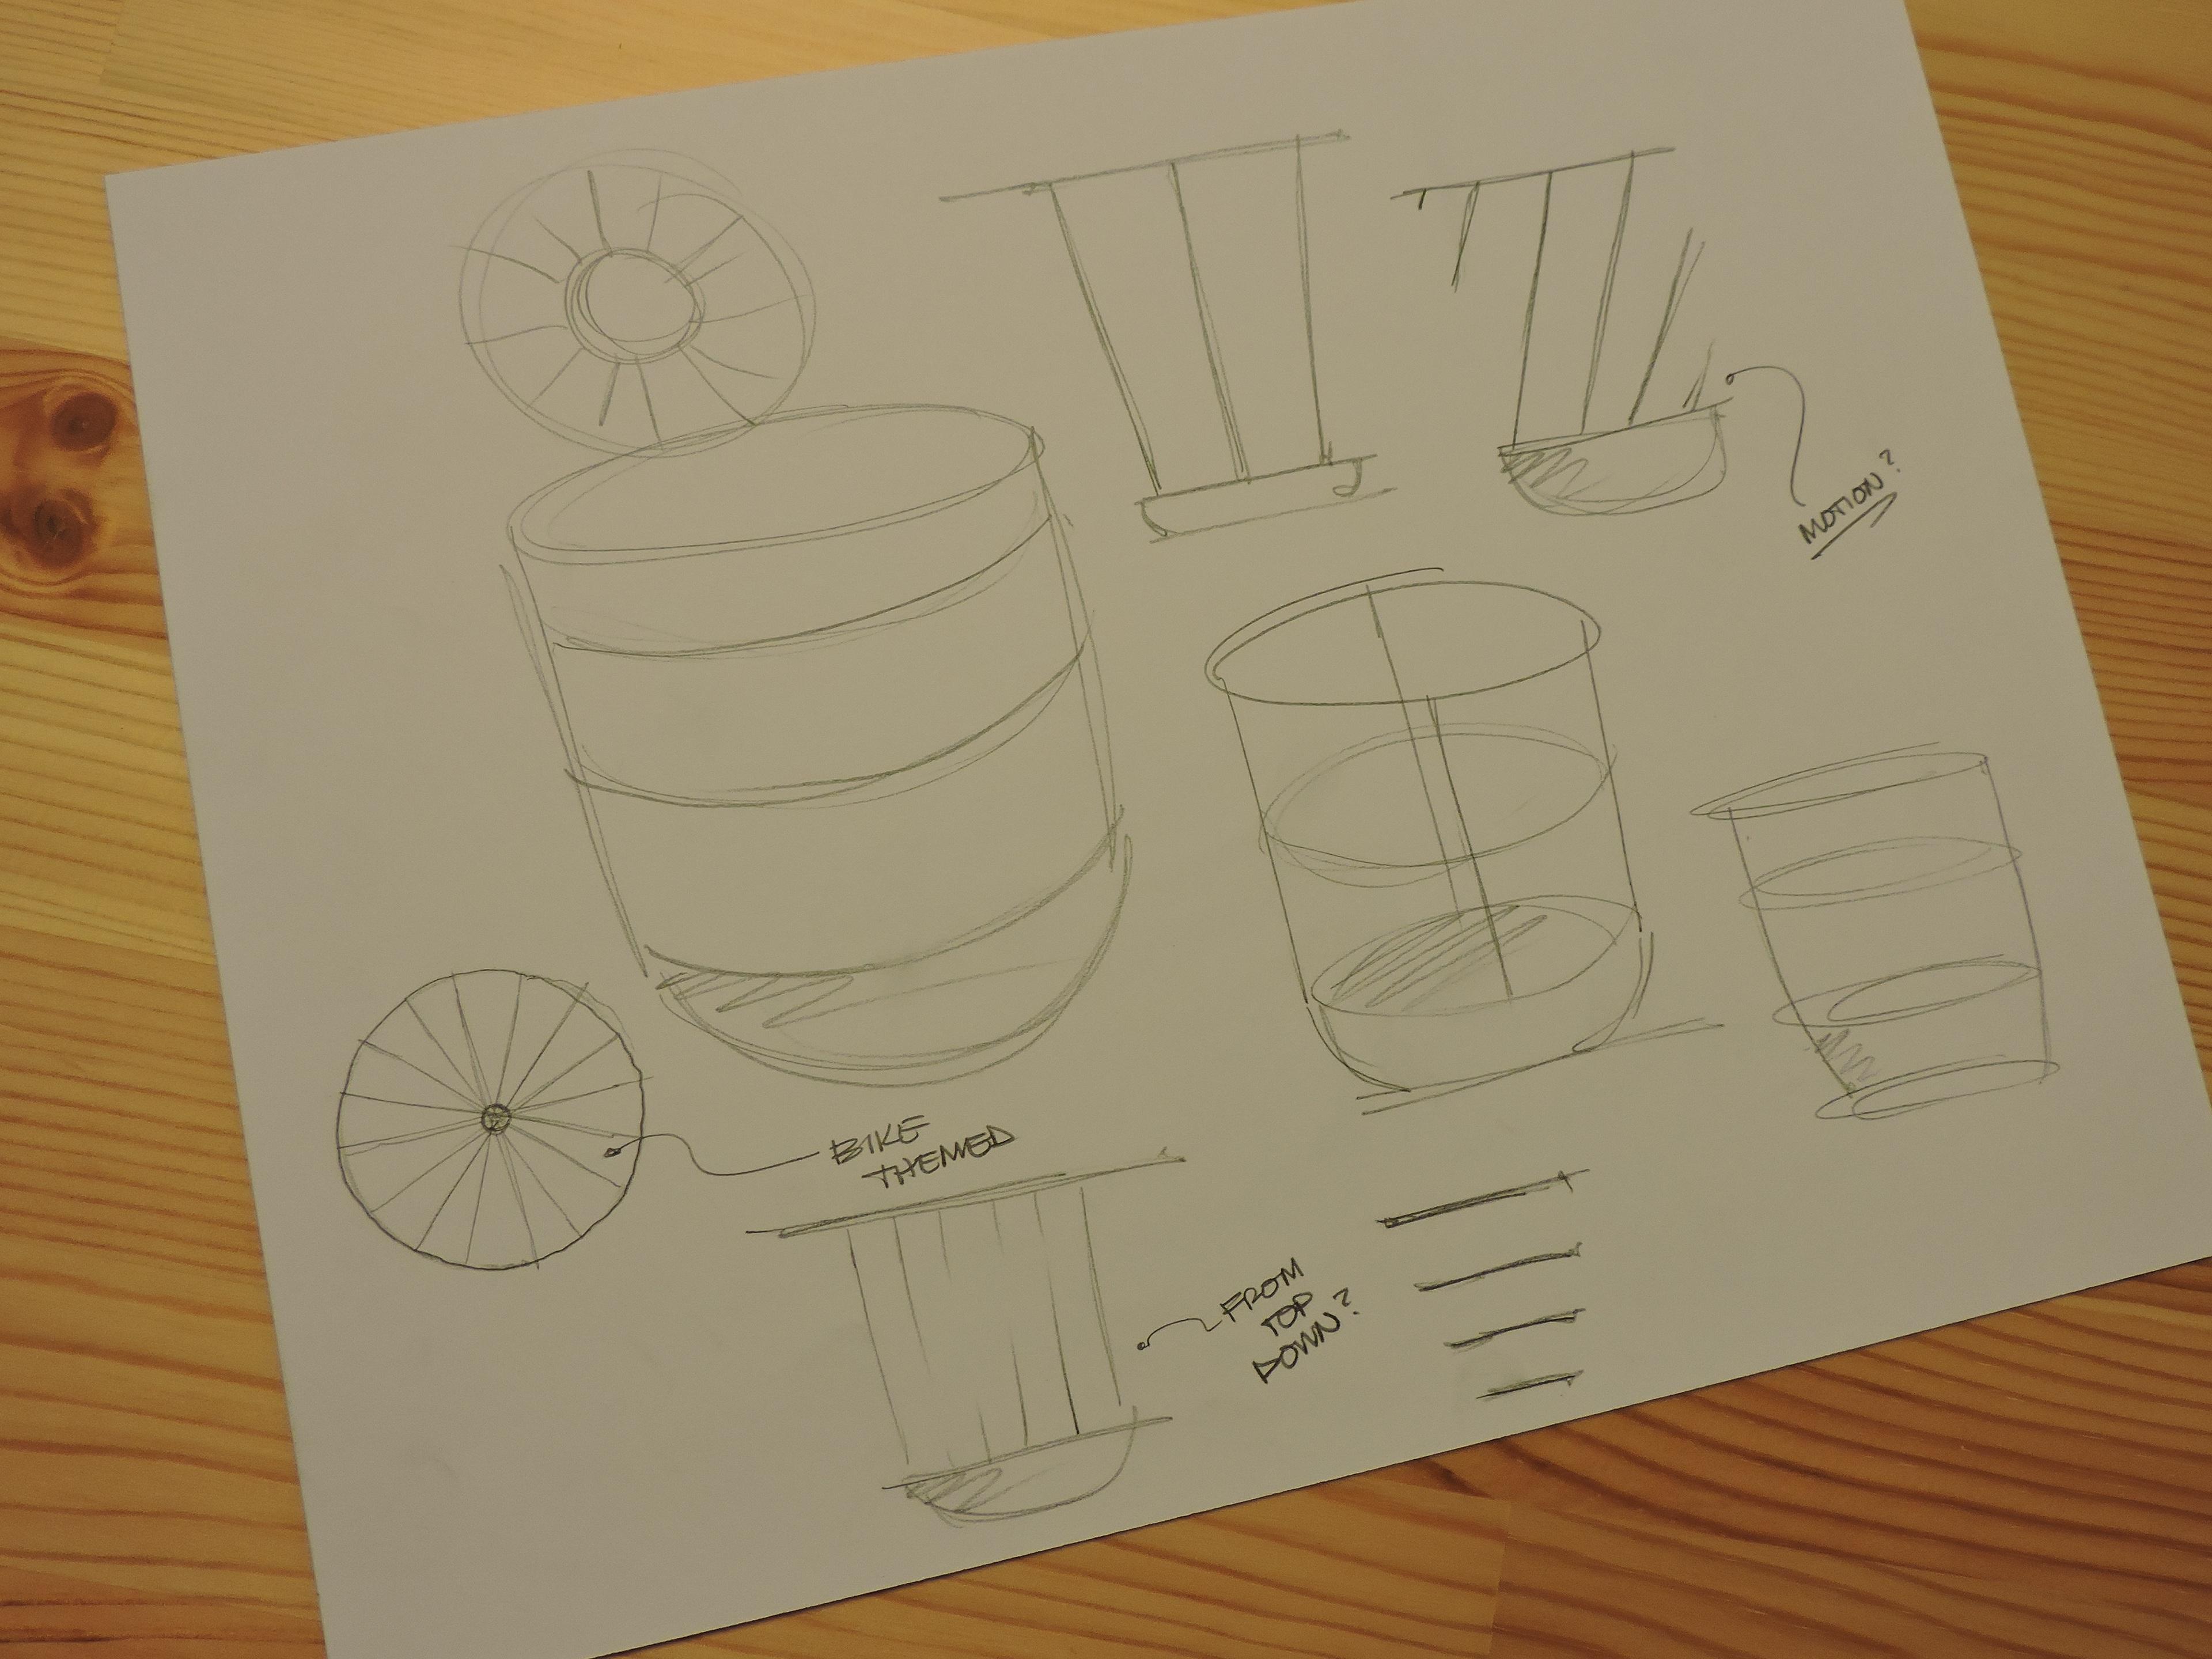 Design ideas ltd springfield il - Spoke Wastecan For Design Ideas Ltd Spoke Wastecan Copyright 2013 Design Ideas Ltd